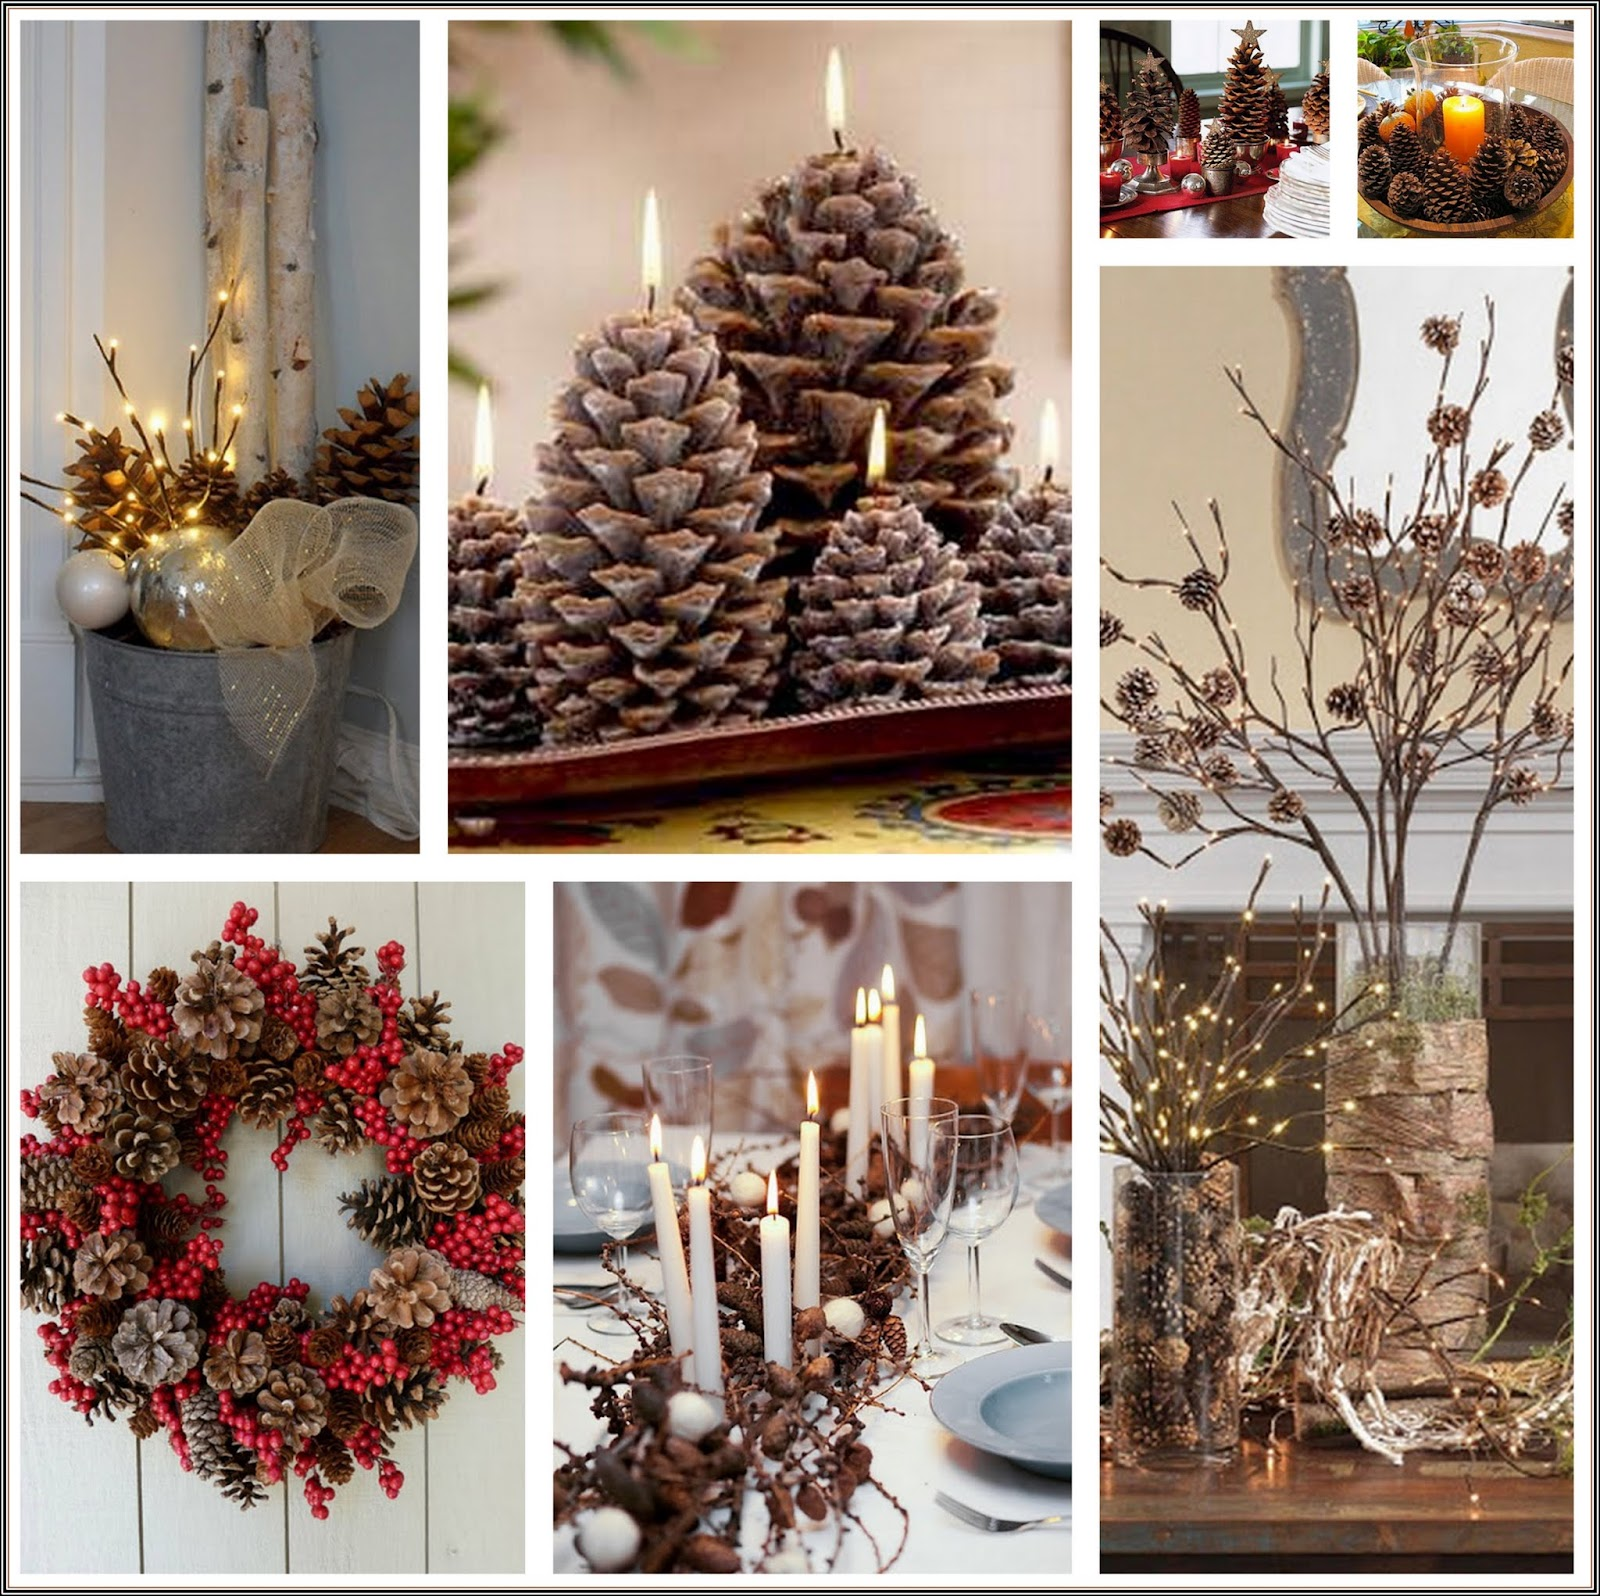 Diciembre 2012 pompas de ideas - Como adornar la casa en navidad ...